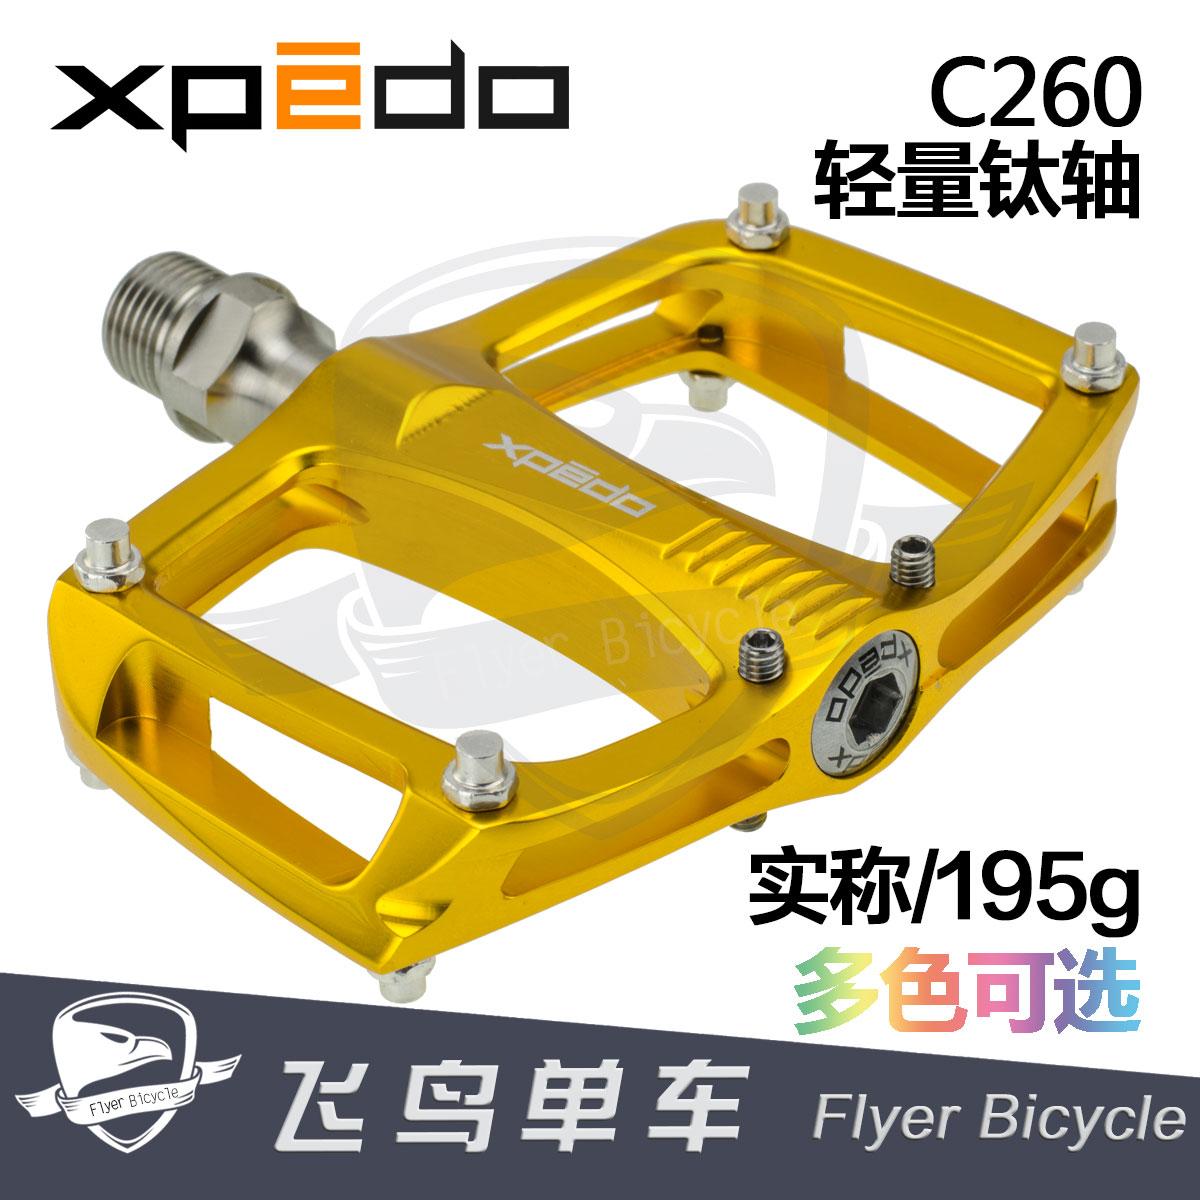 鈦合金軸心腳踏Xpedo C260摺疊車 公路車山地自行車 碟鳥車腳踏板